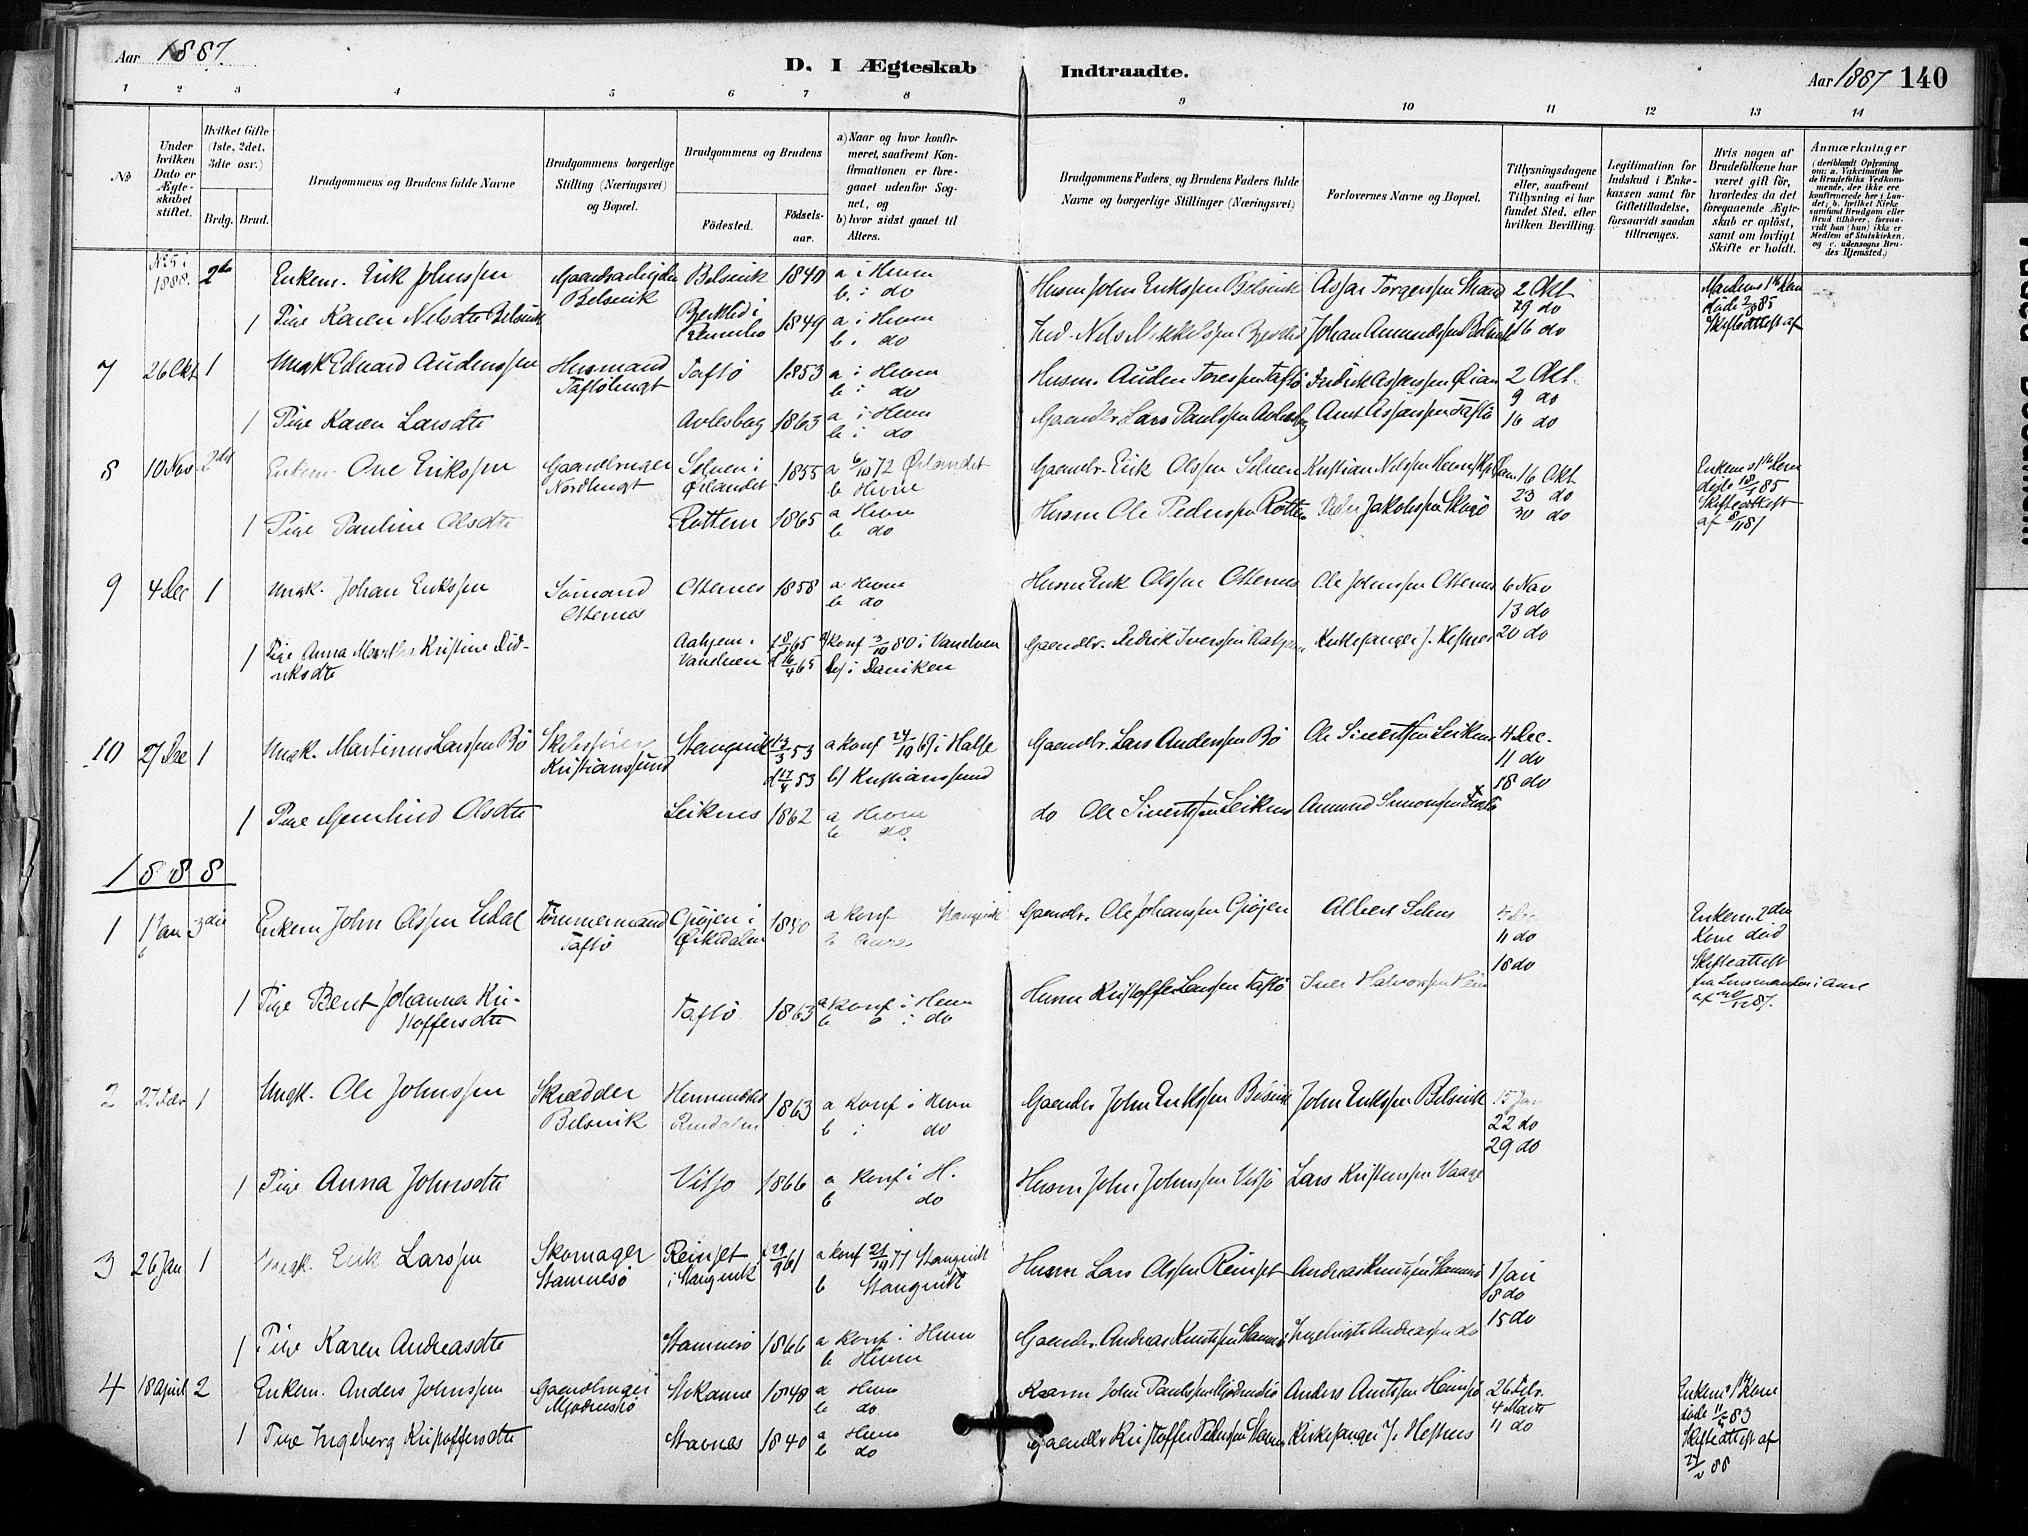 SAT, Ministerialprotokoller, klokkerbøker og fødselsregistre - Sør-Trøndelag, 633/L0518: Ministerialbok nr. 633A01, 1884-1906, s. 140